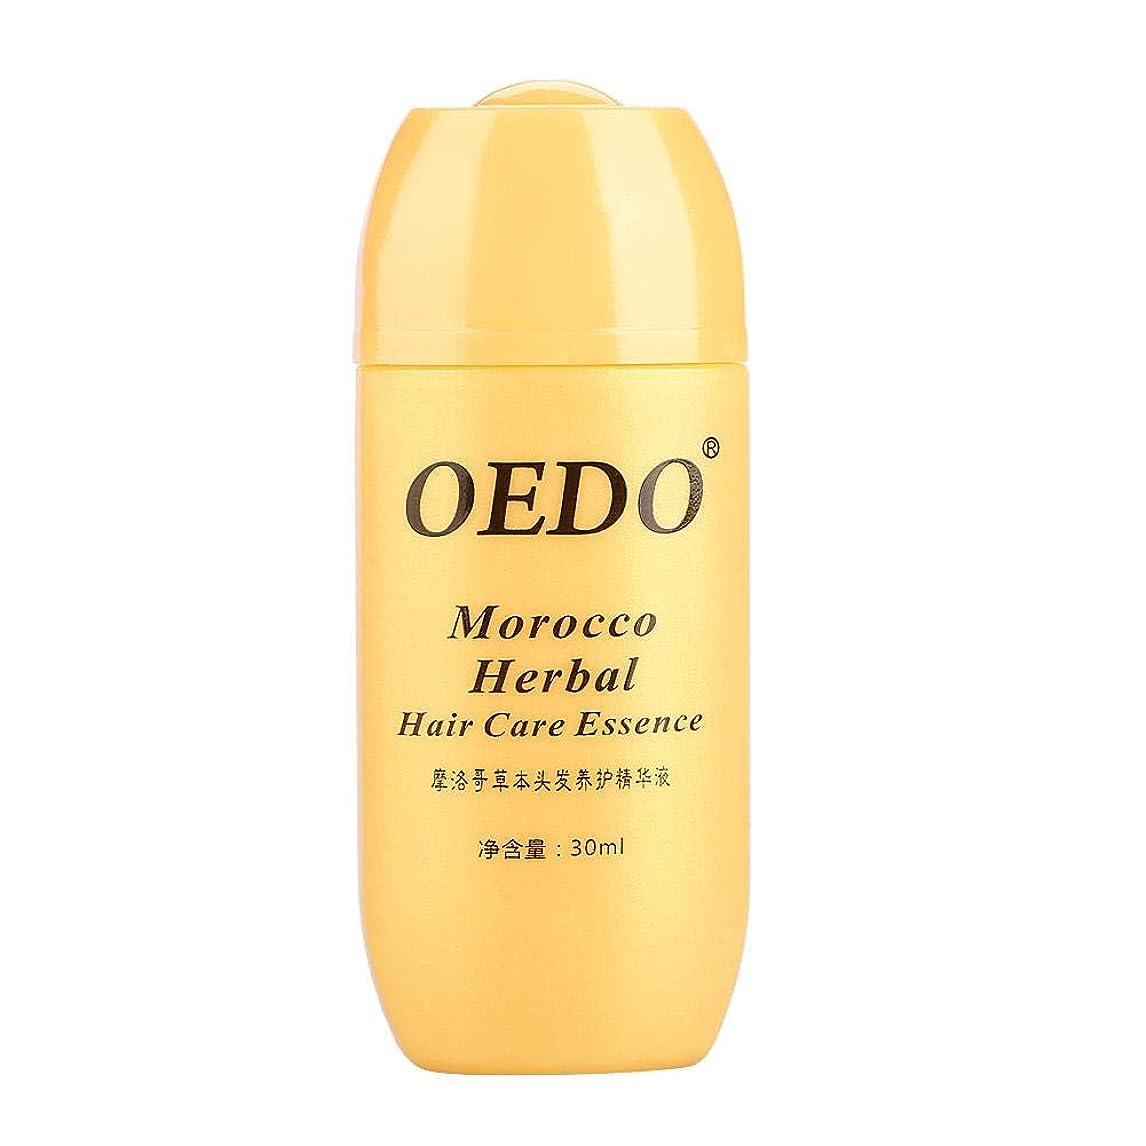 役割インスタントマーチャンダイザーナチュラルグロースヘアオイル、育毛エッセンスアンチ抜け毛リキッド30ミリリットル濃い毛の速い毛成長血清人参モロッコのハーブ頭皮健康